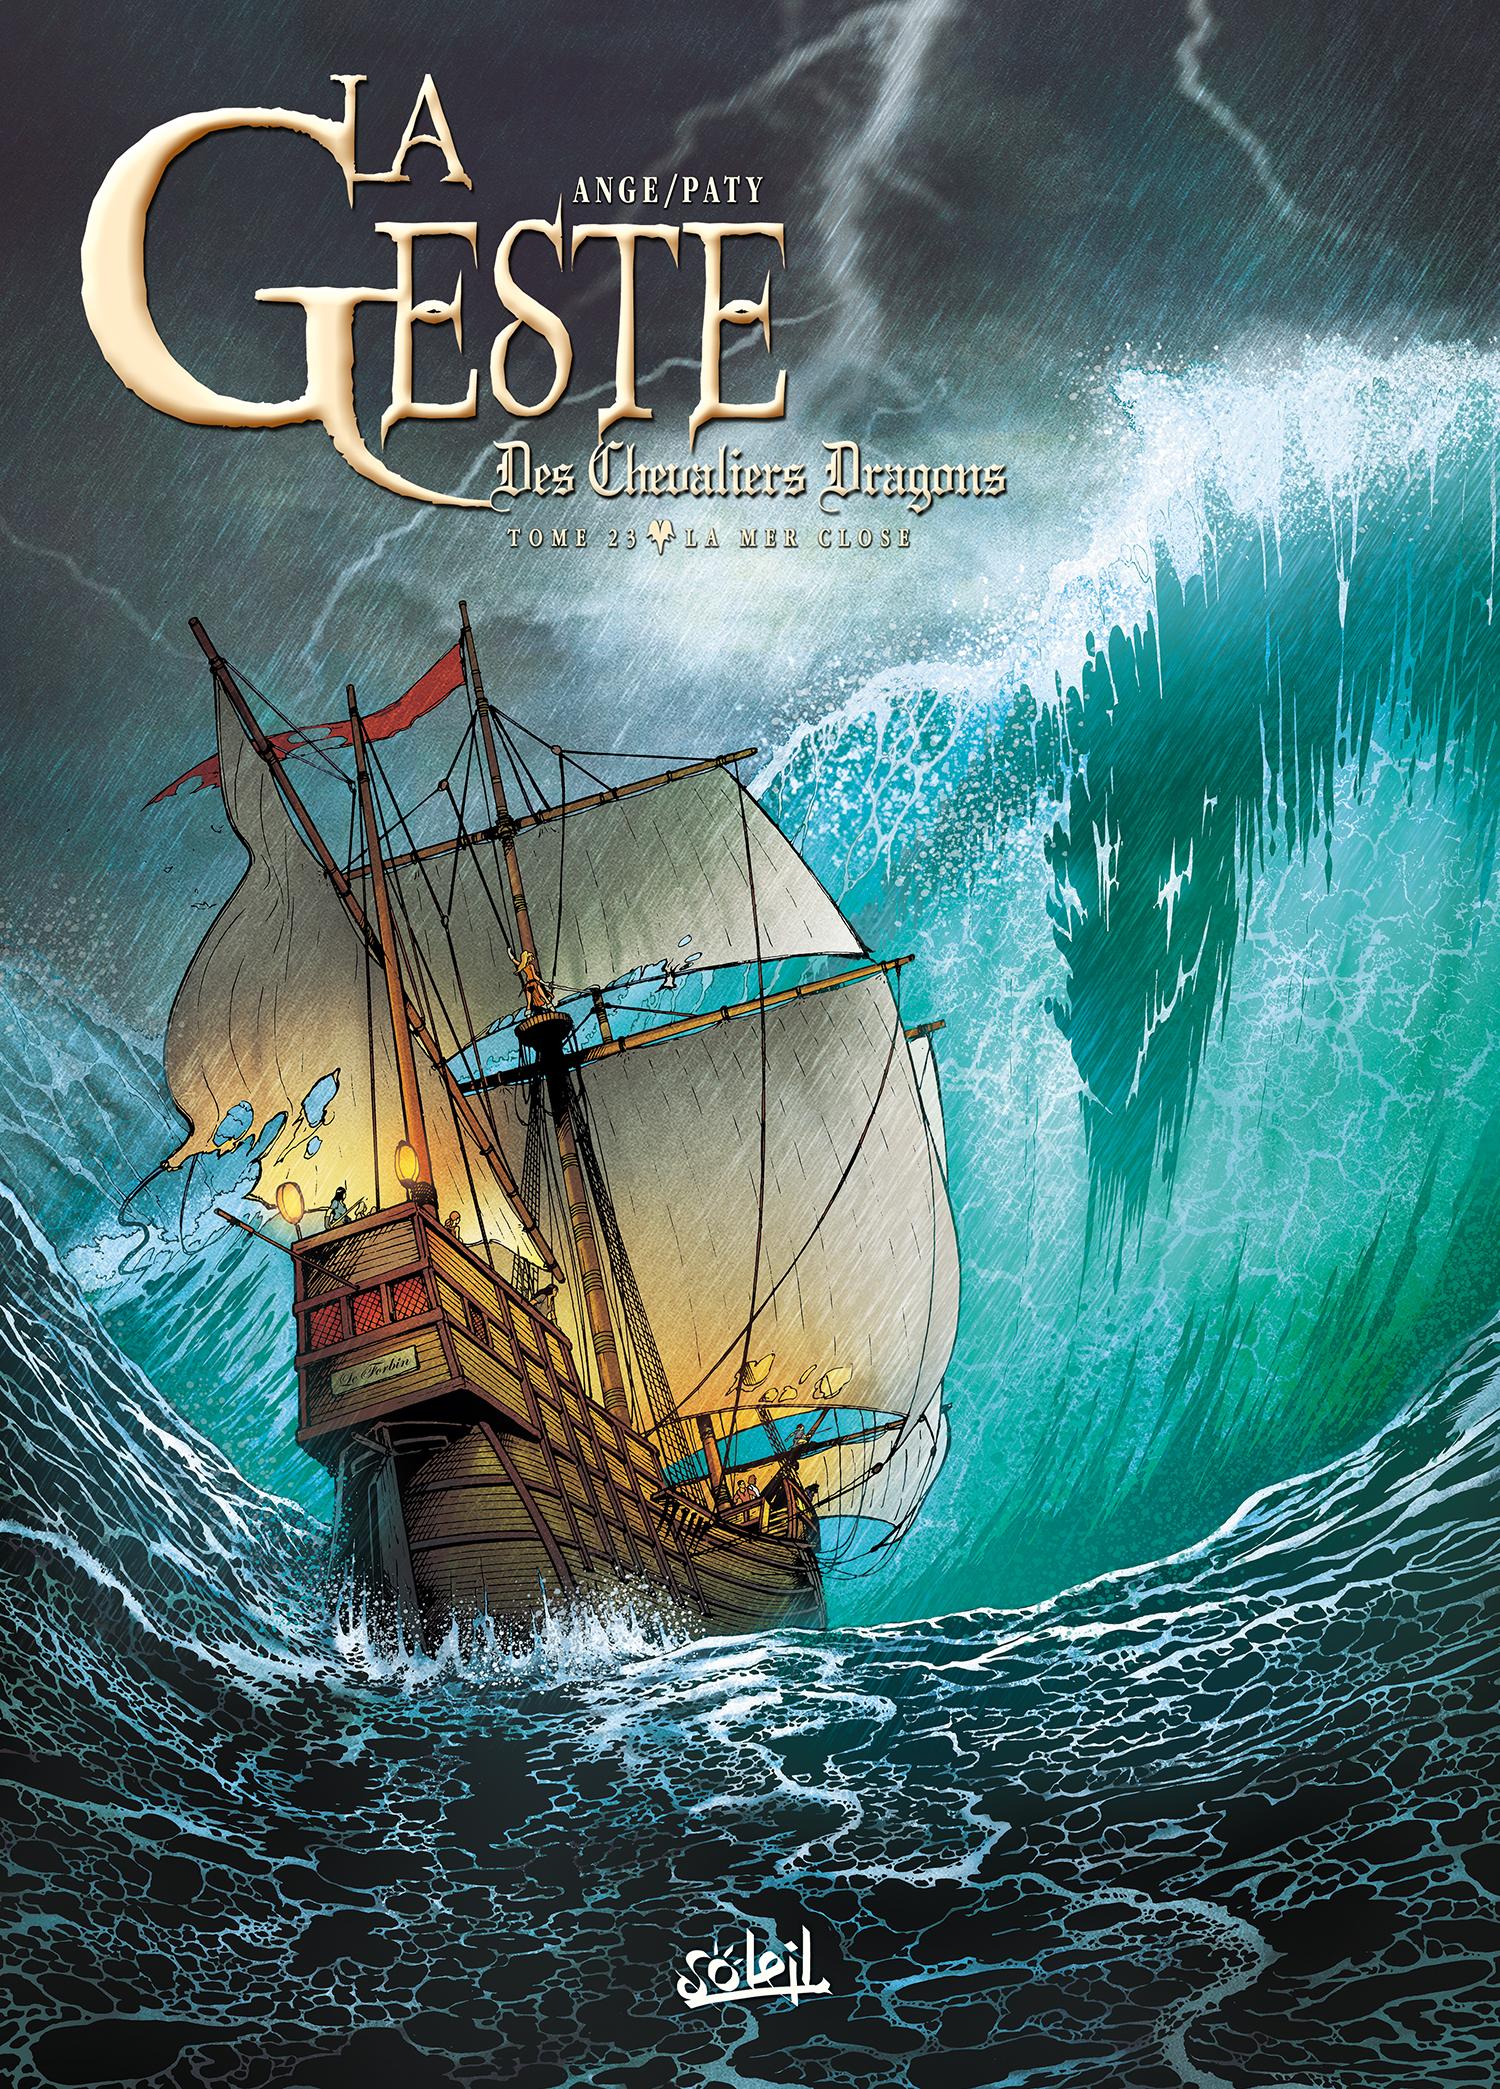 La geste des chevaliers dragons  23 - La Mer Close